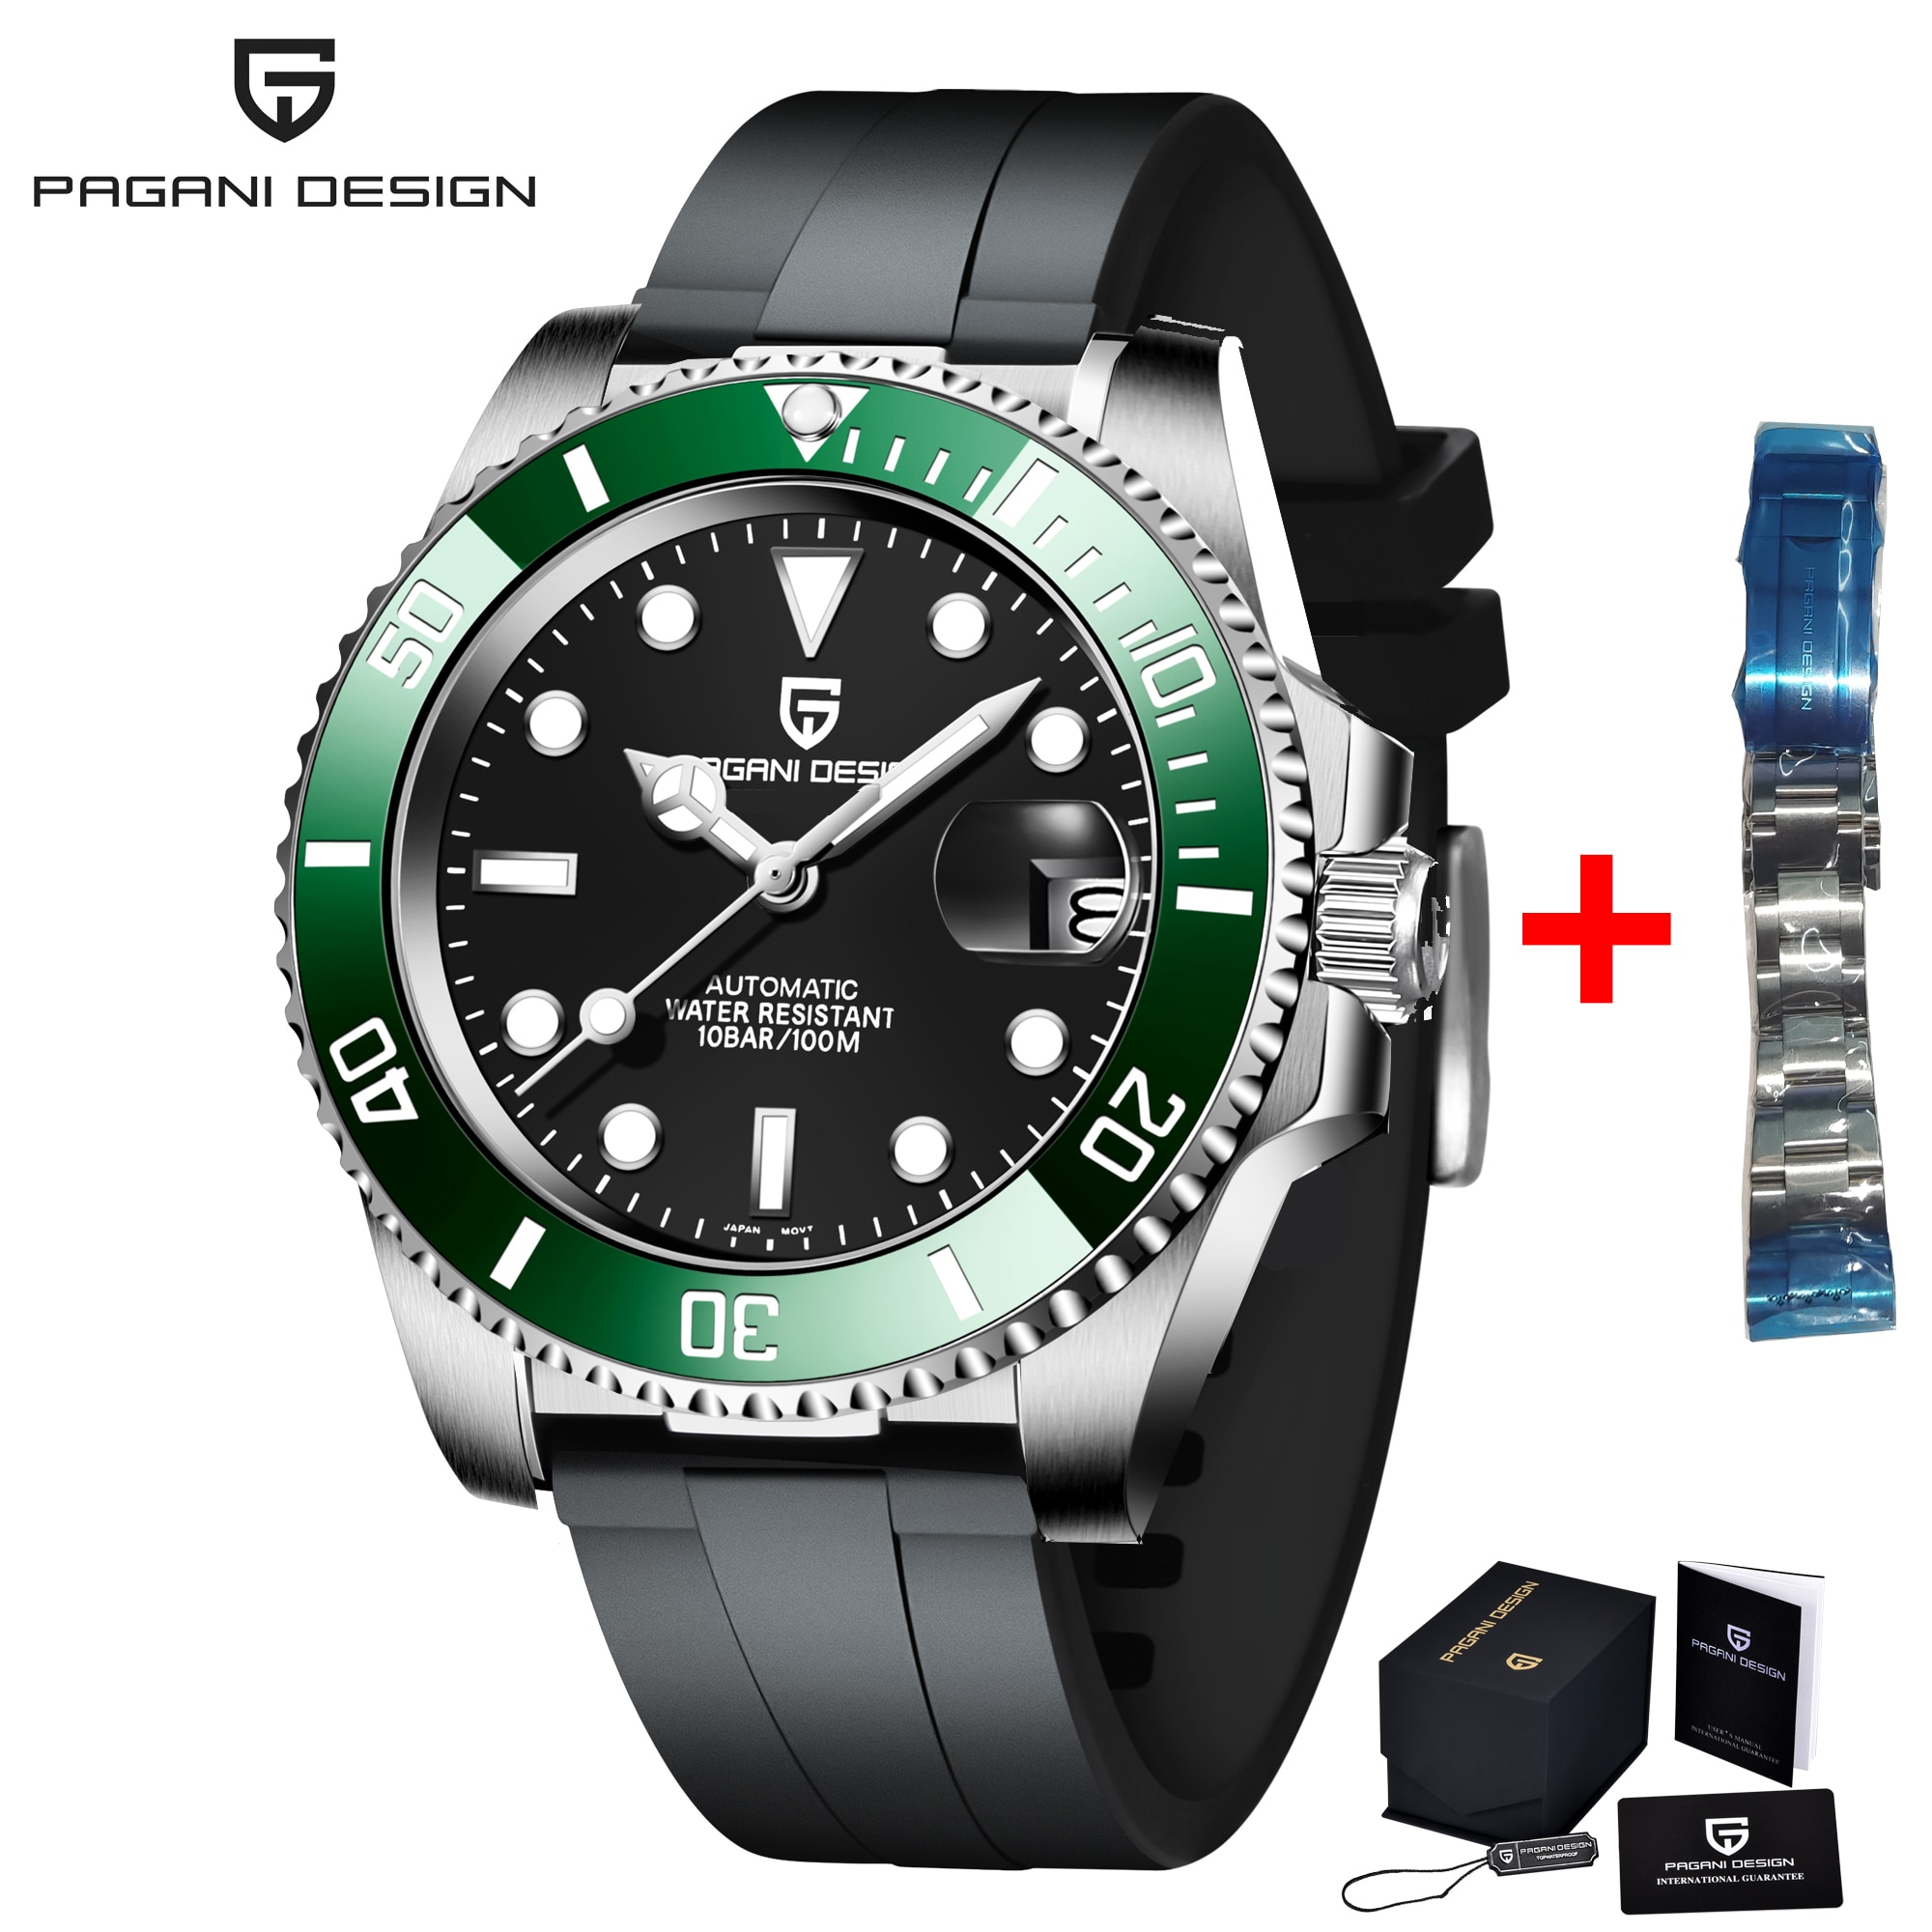 2020 PAGANI تصميم جديد ساعة رجالي ساعة ميكانيكية أوتوماتيكية الفولاذ المقاوم للصدأ مستكشف ساعة الياقوت الفاخرة Relogio Masculino